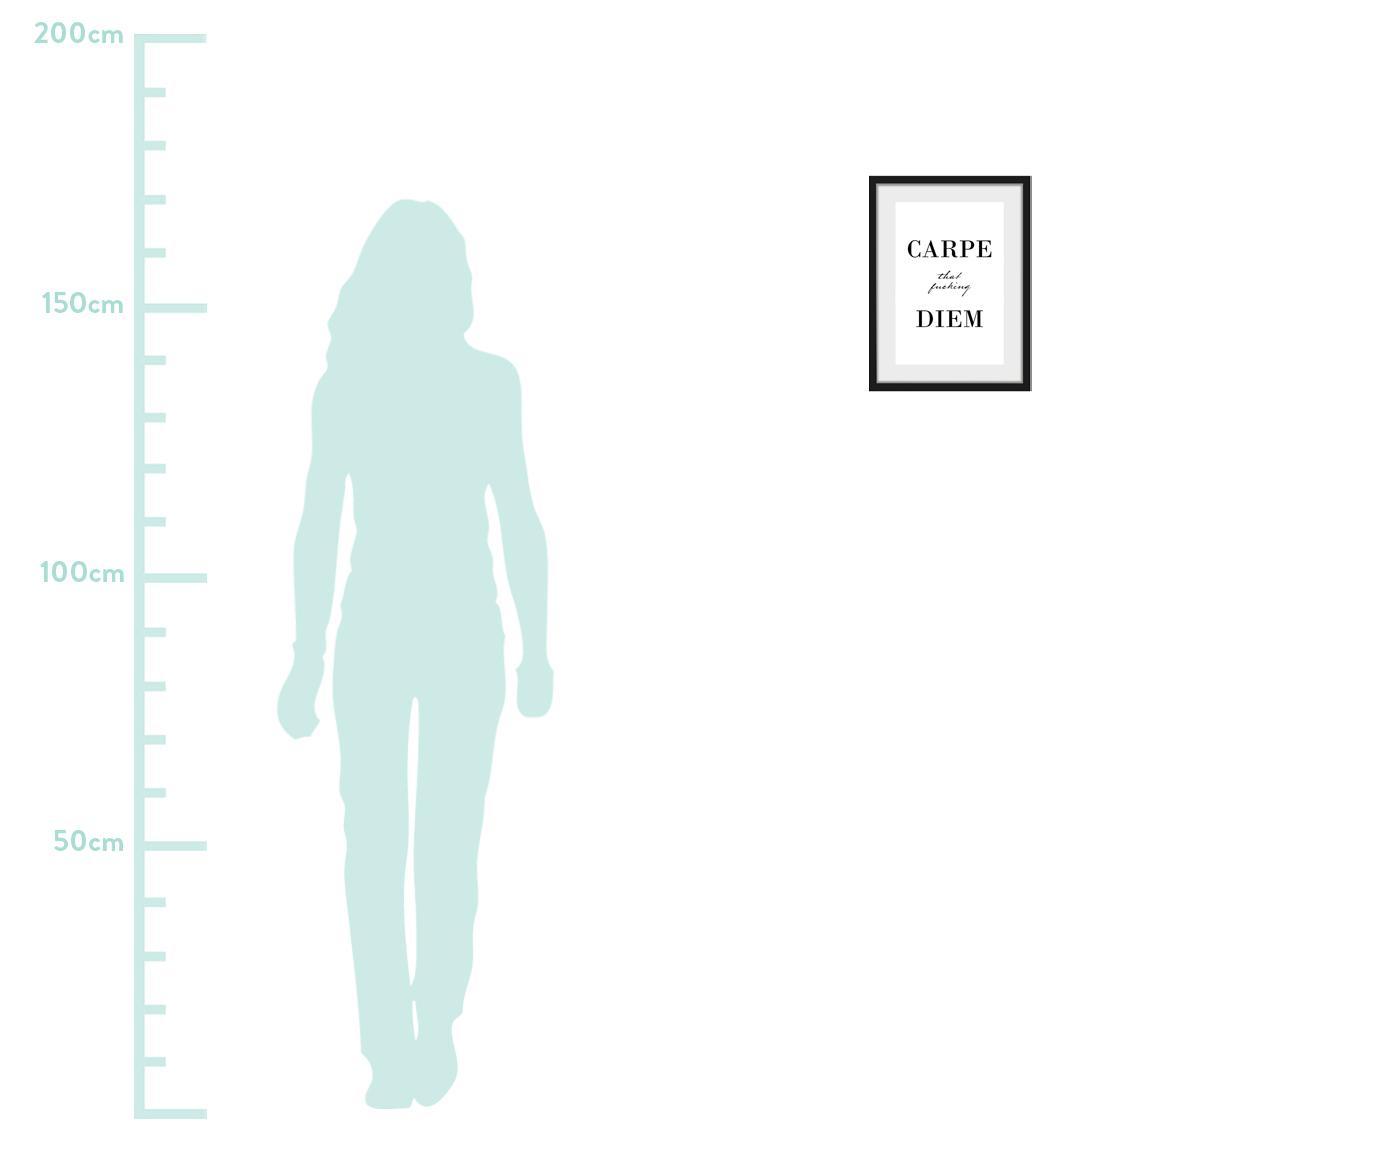 Gerahmter Digitaldruck Carpe Diem, Bild: Digitaldruck, Rahmen: Echtholzrahmen, Front: Acrylglas, Rückseite: Mitteldichte Holzfaserpla, Bild: Schwarz, Weiß<br>Rahmen: Schwarz, 30 x 40 cm